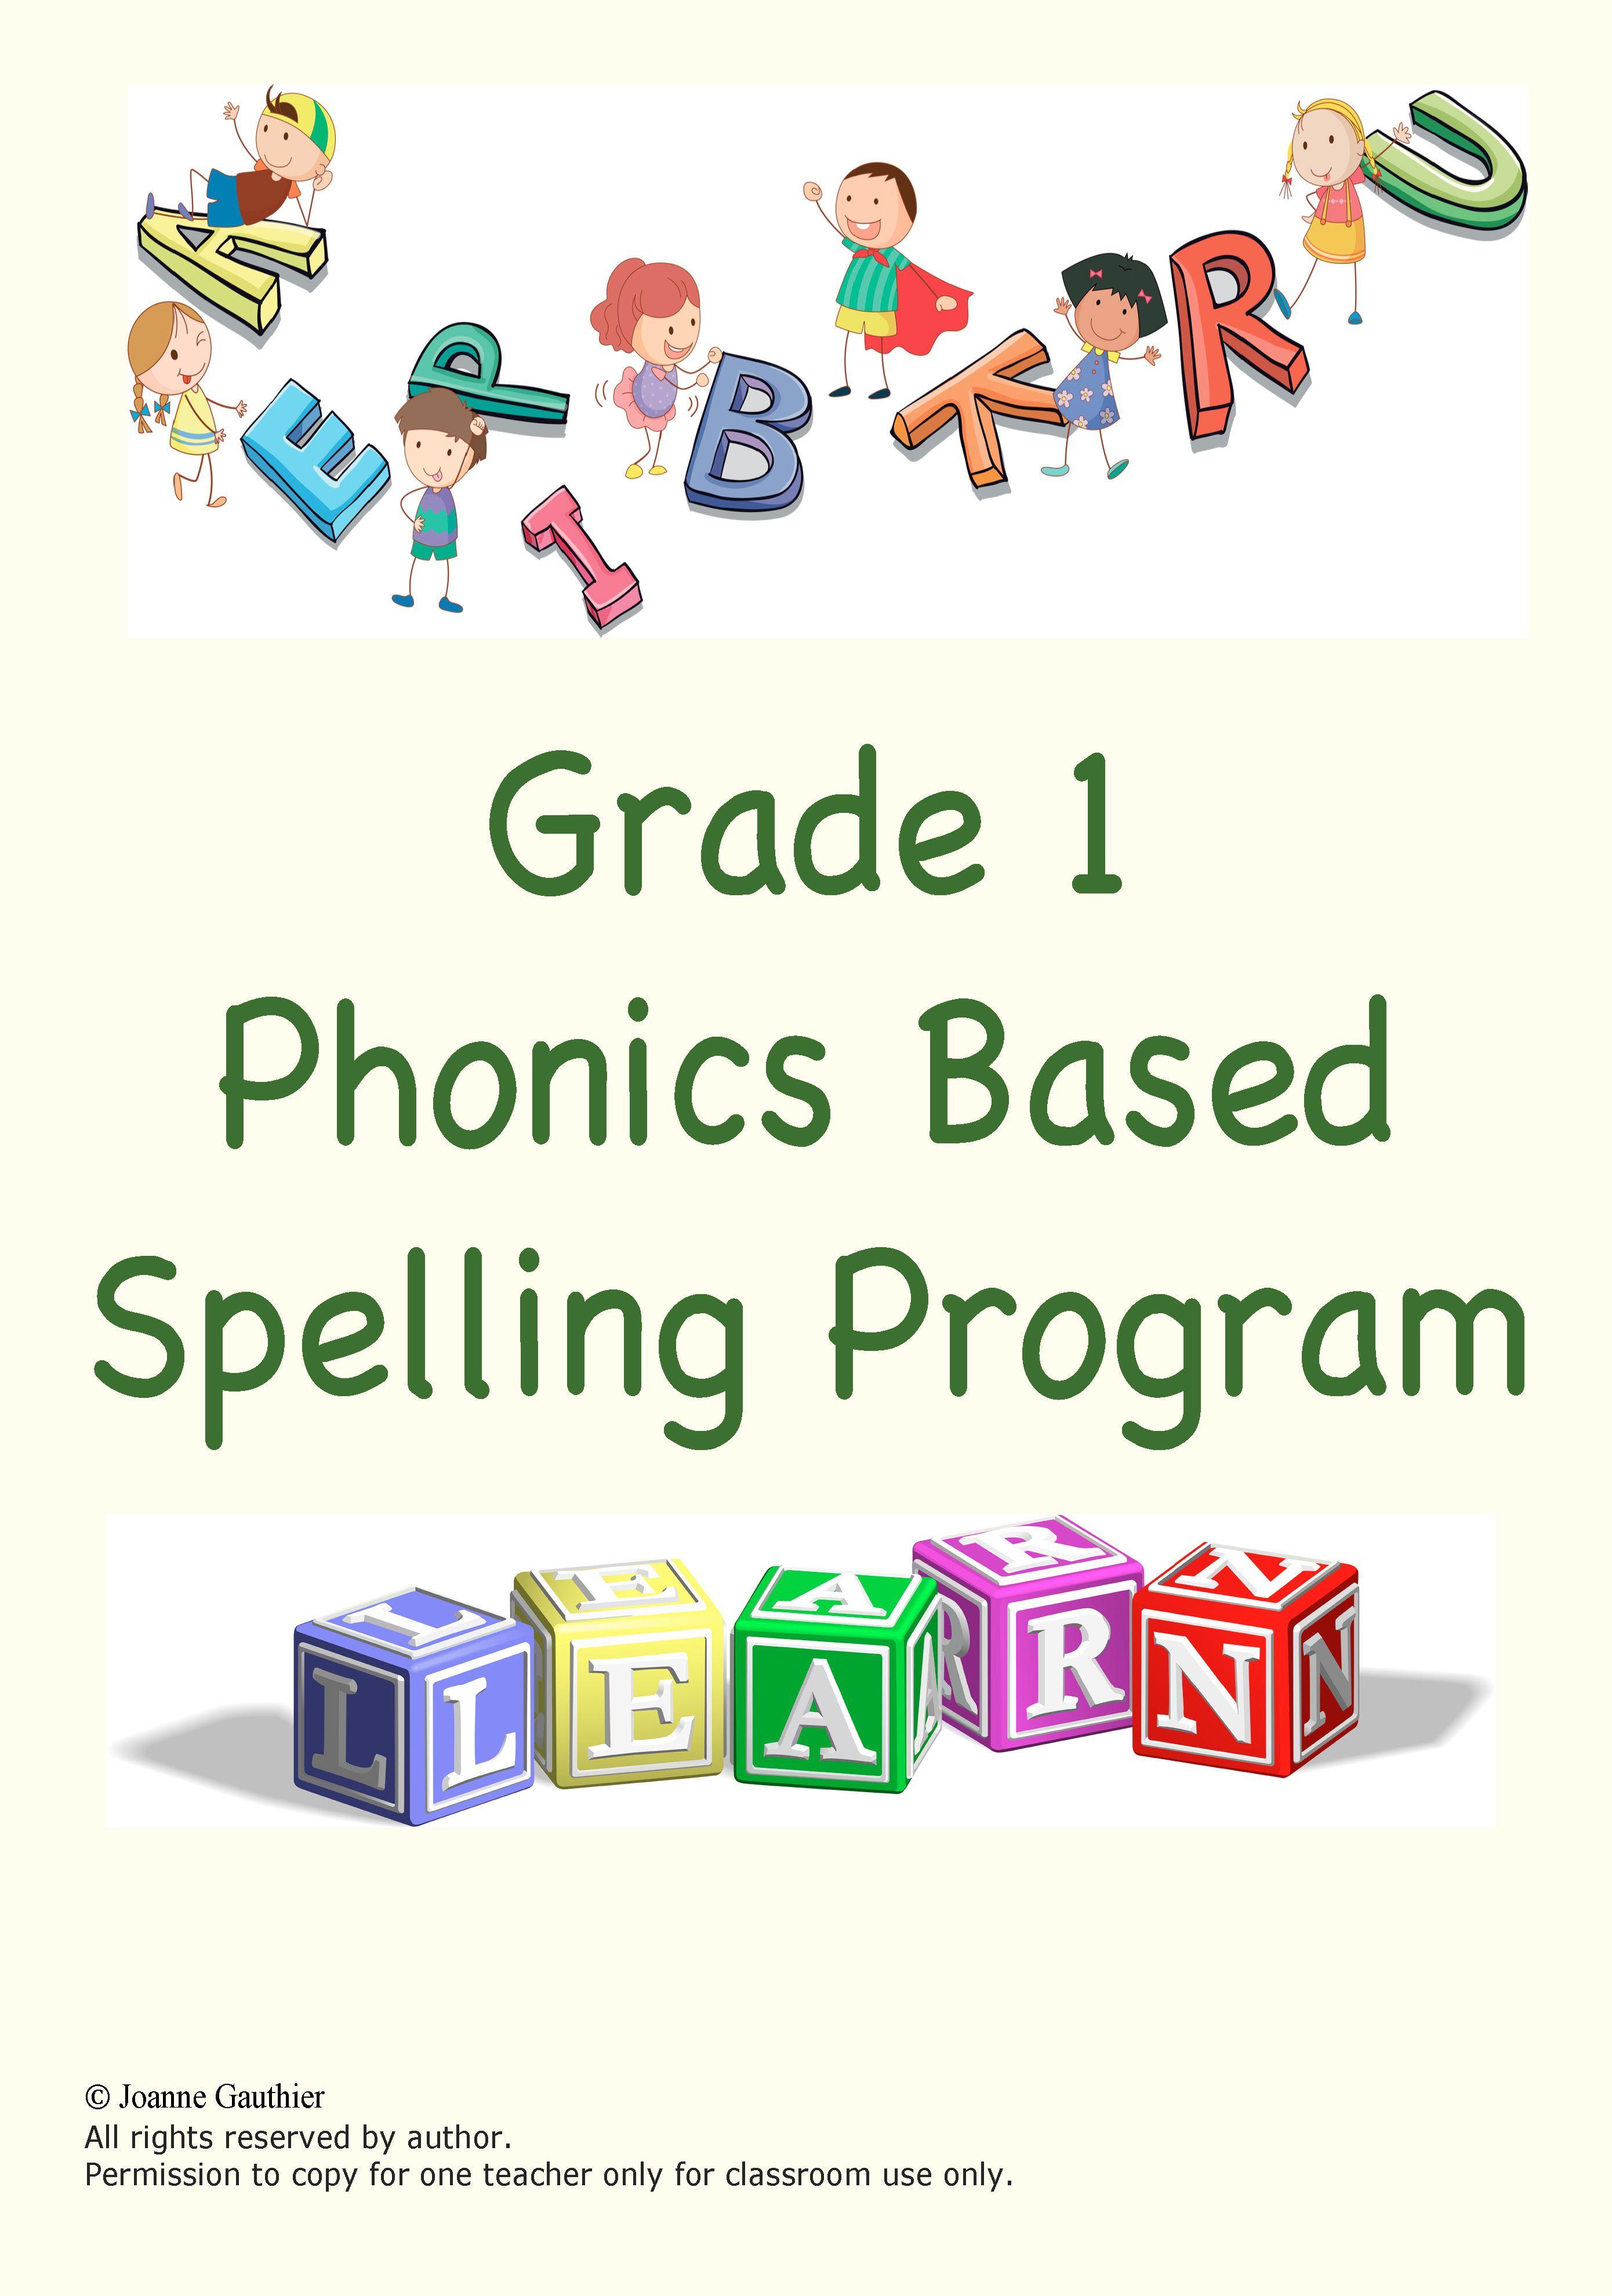 Grade 1 Spelling Program Phonics Based